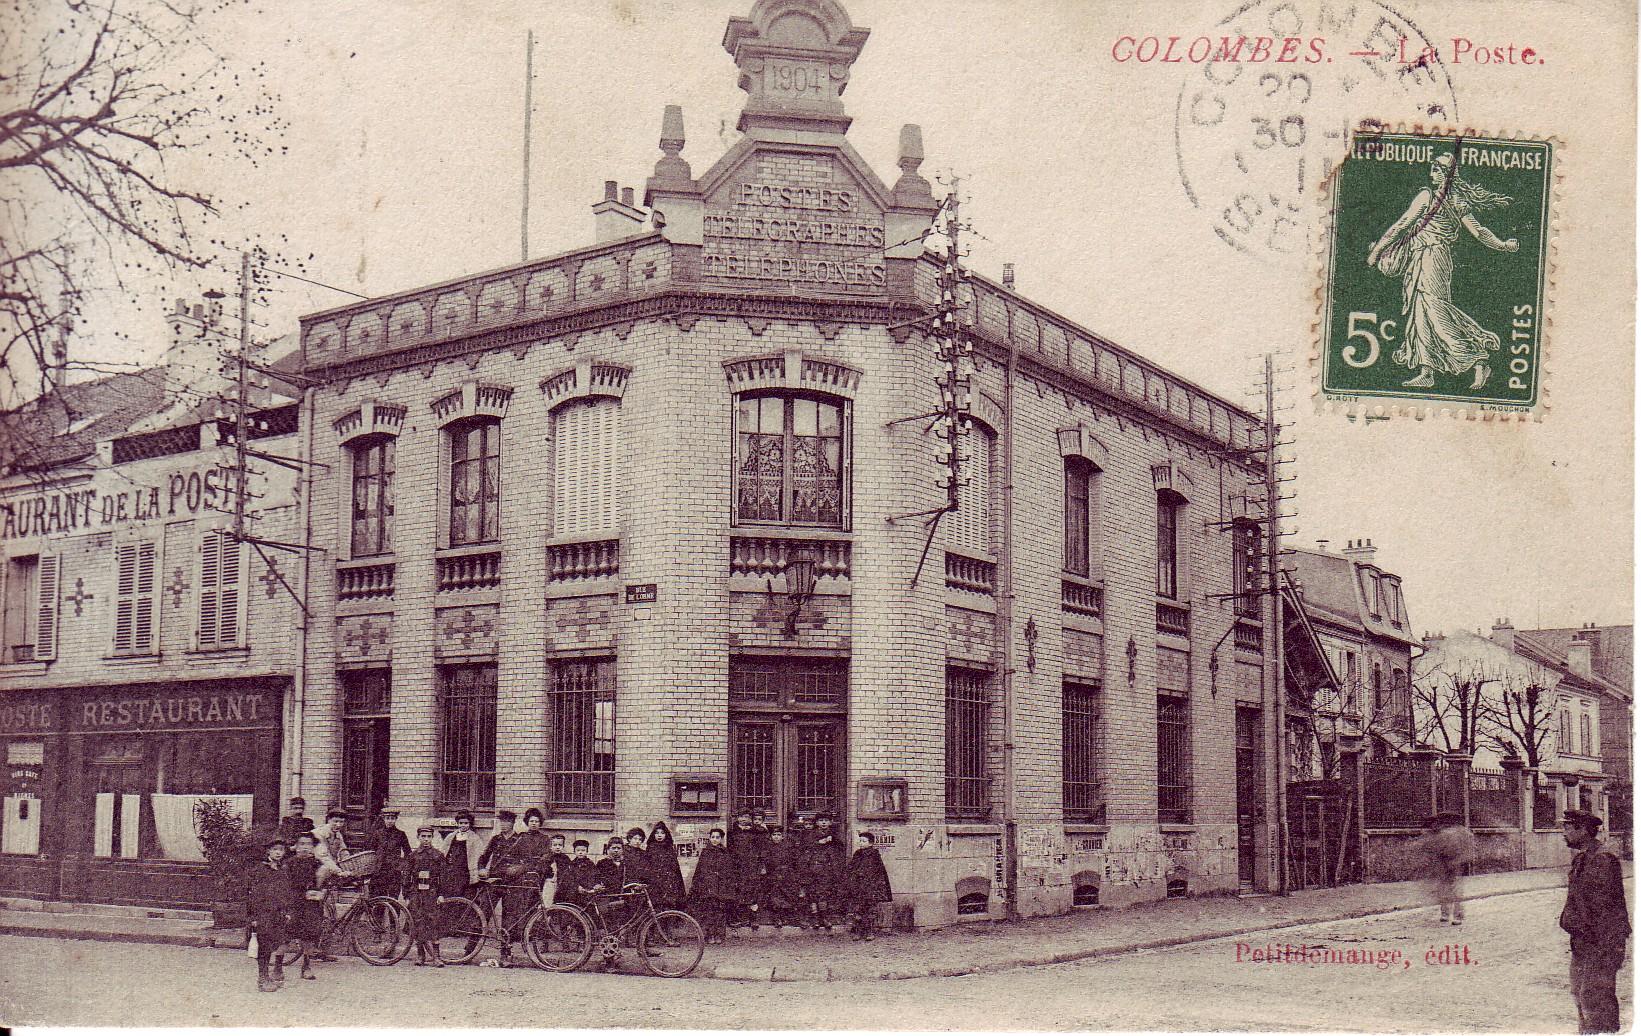 La poste de la rue de l 39 orme colombes notre ville - Bureau de poste colombes ...